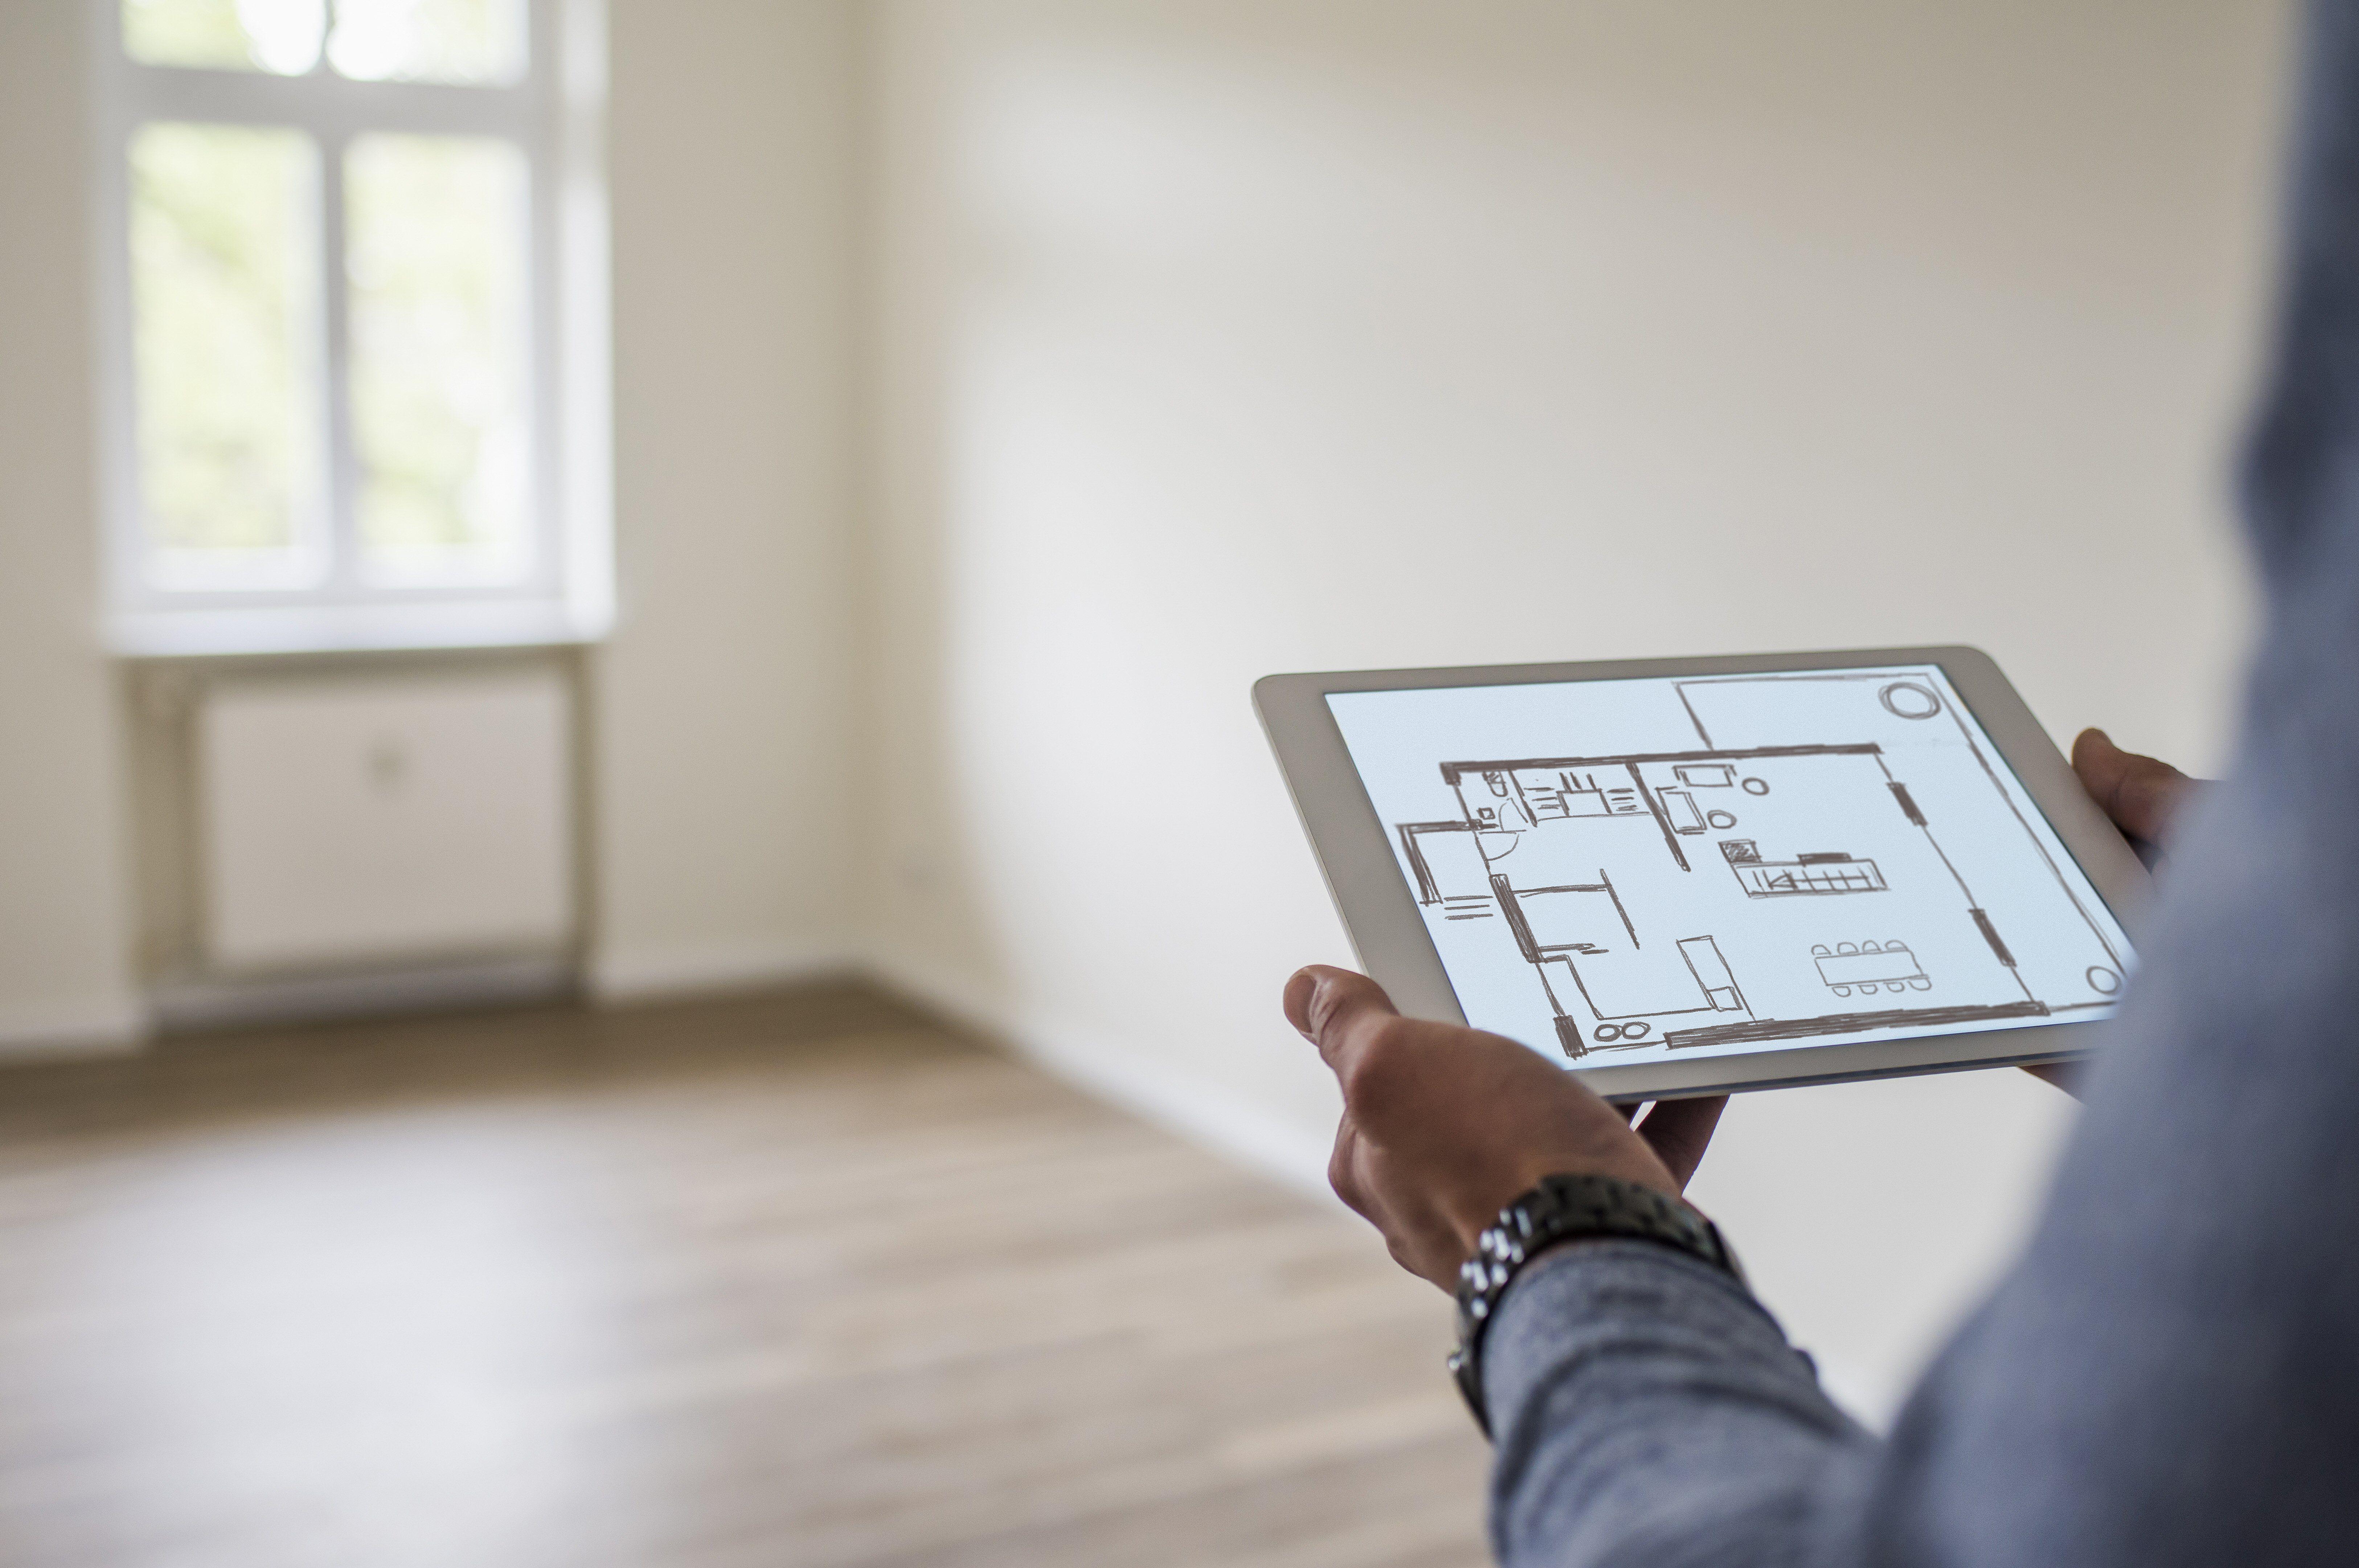 Mann im neuen Haus, das Tablette hält, die einen digitalen Grundriss anzeigt